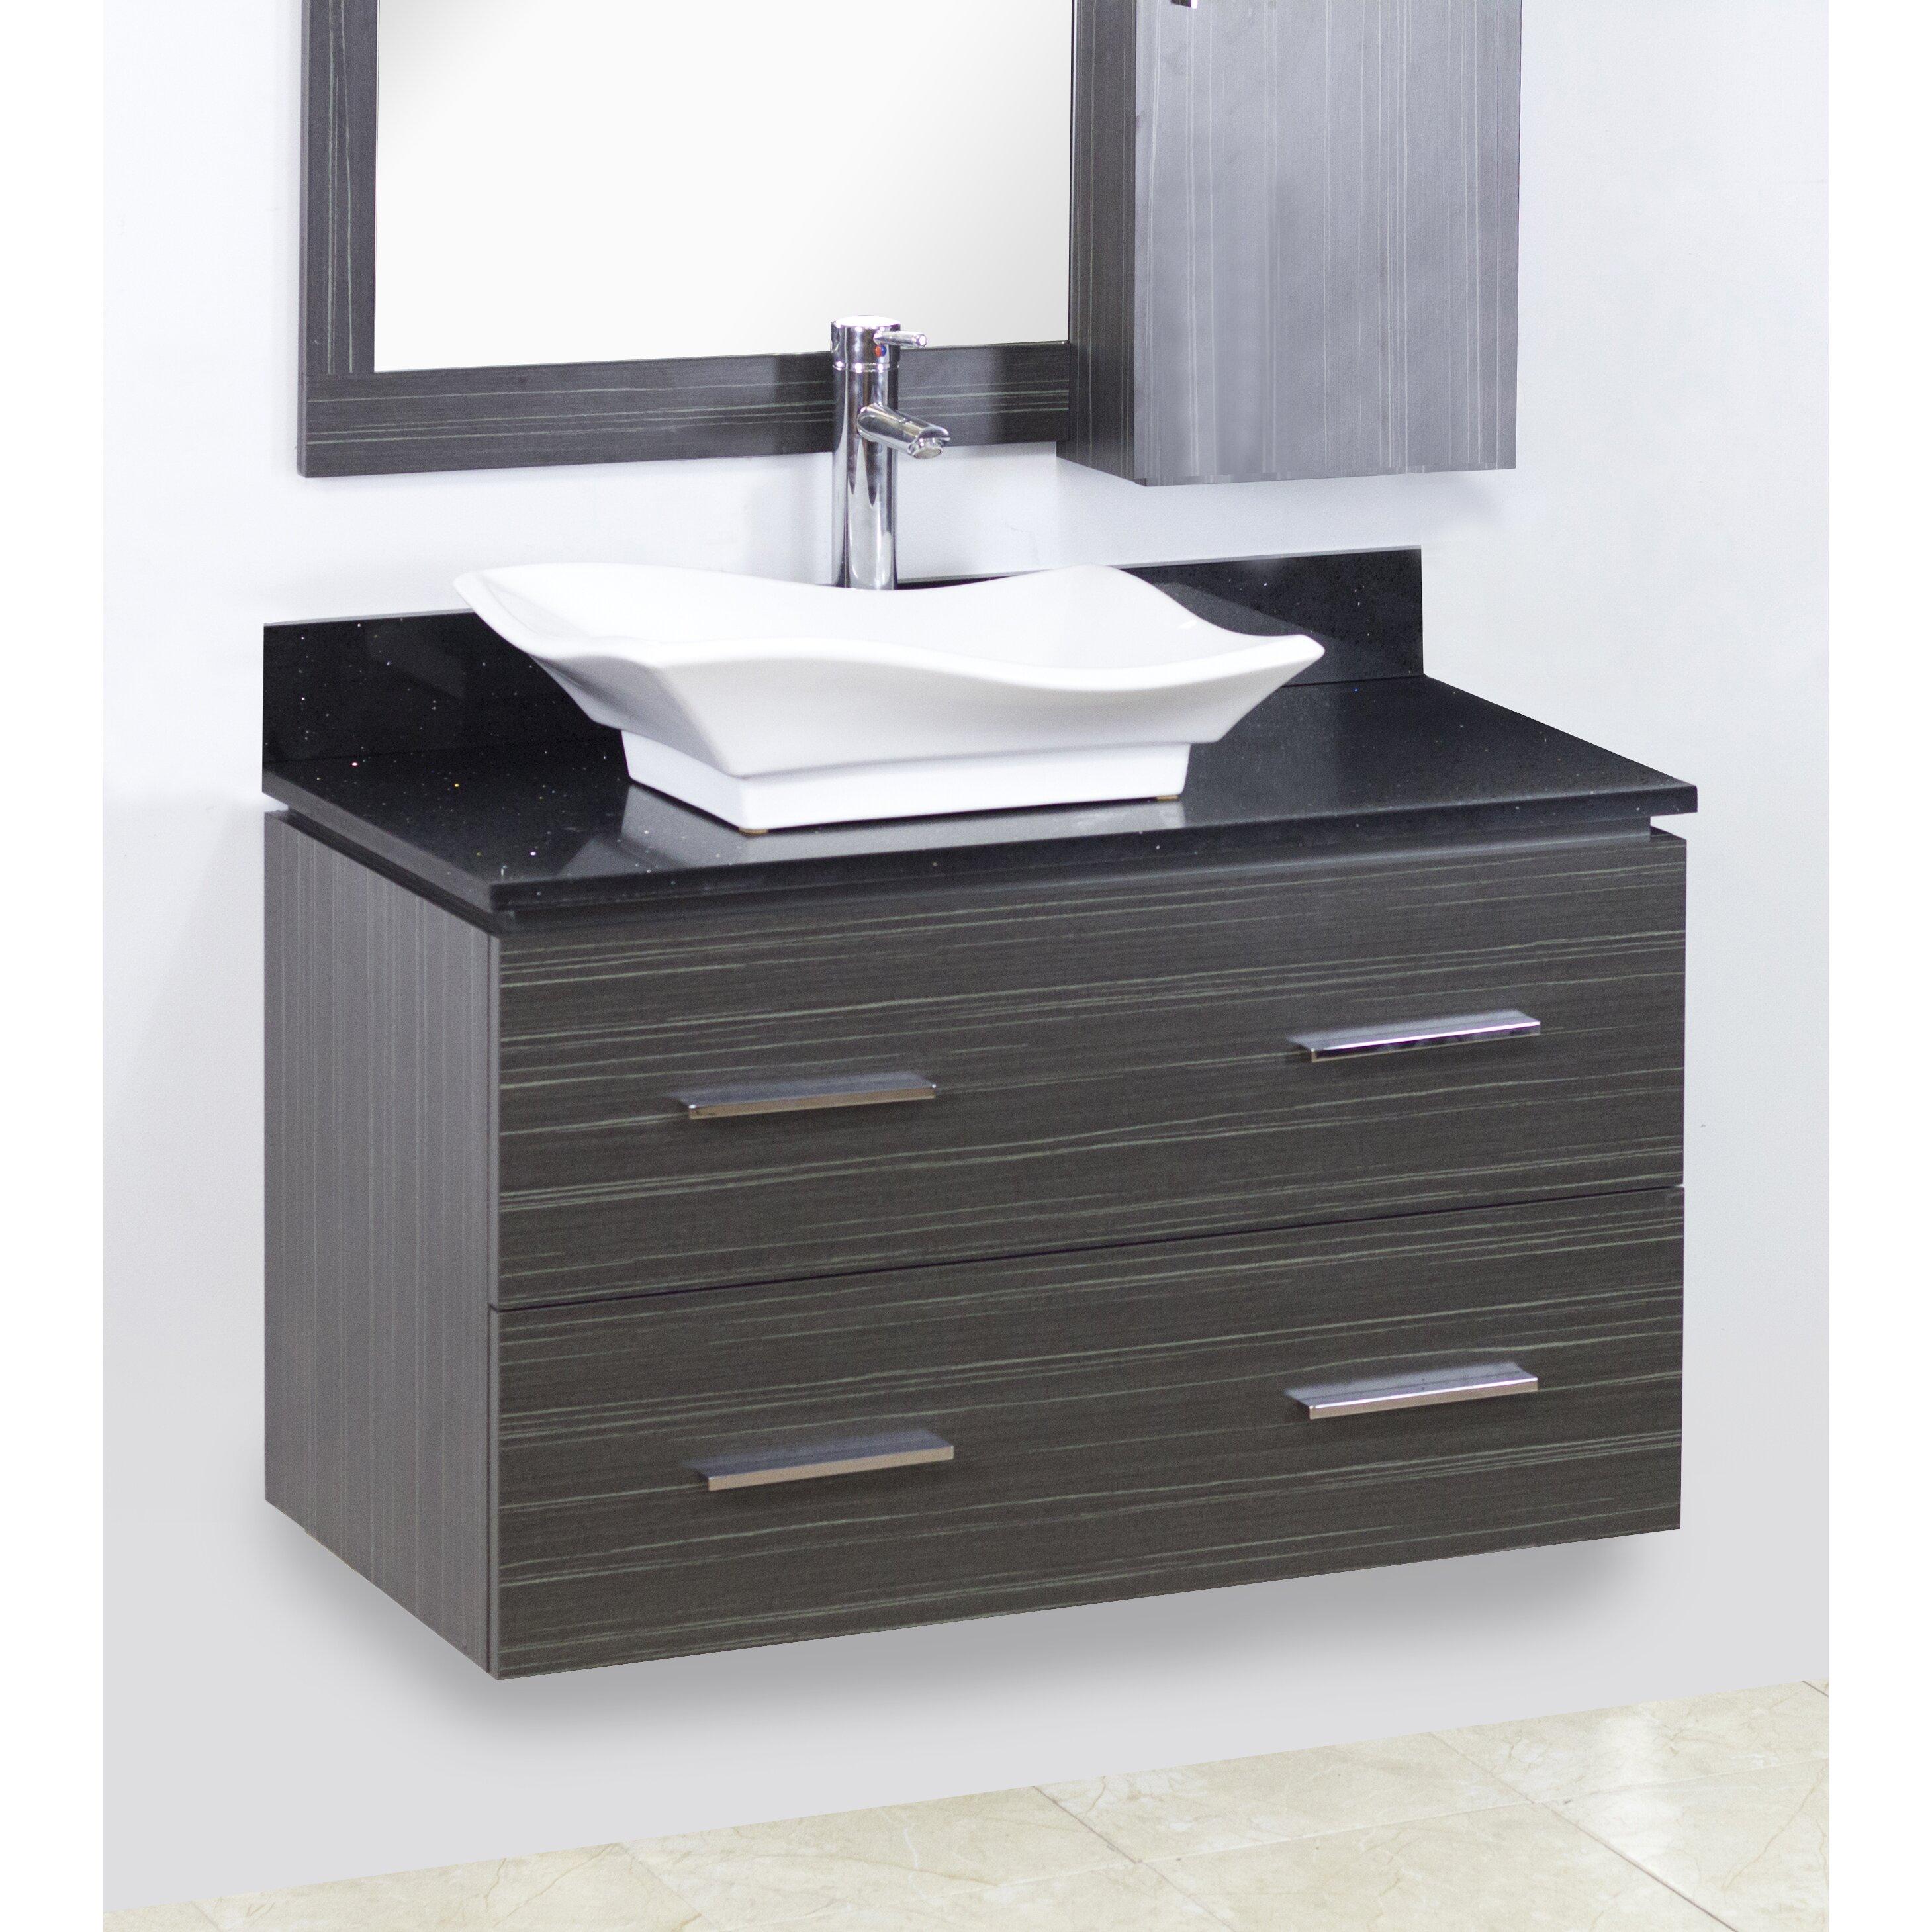 36 single modern wall mount bathroom vanity set reviews way